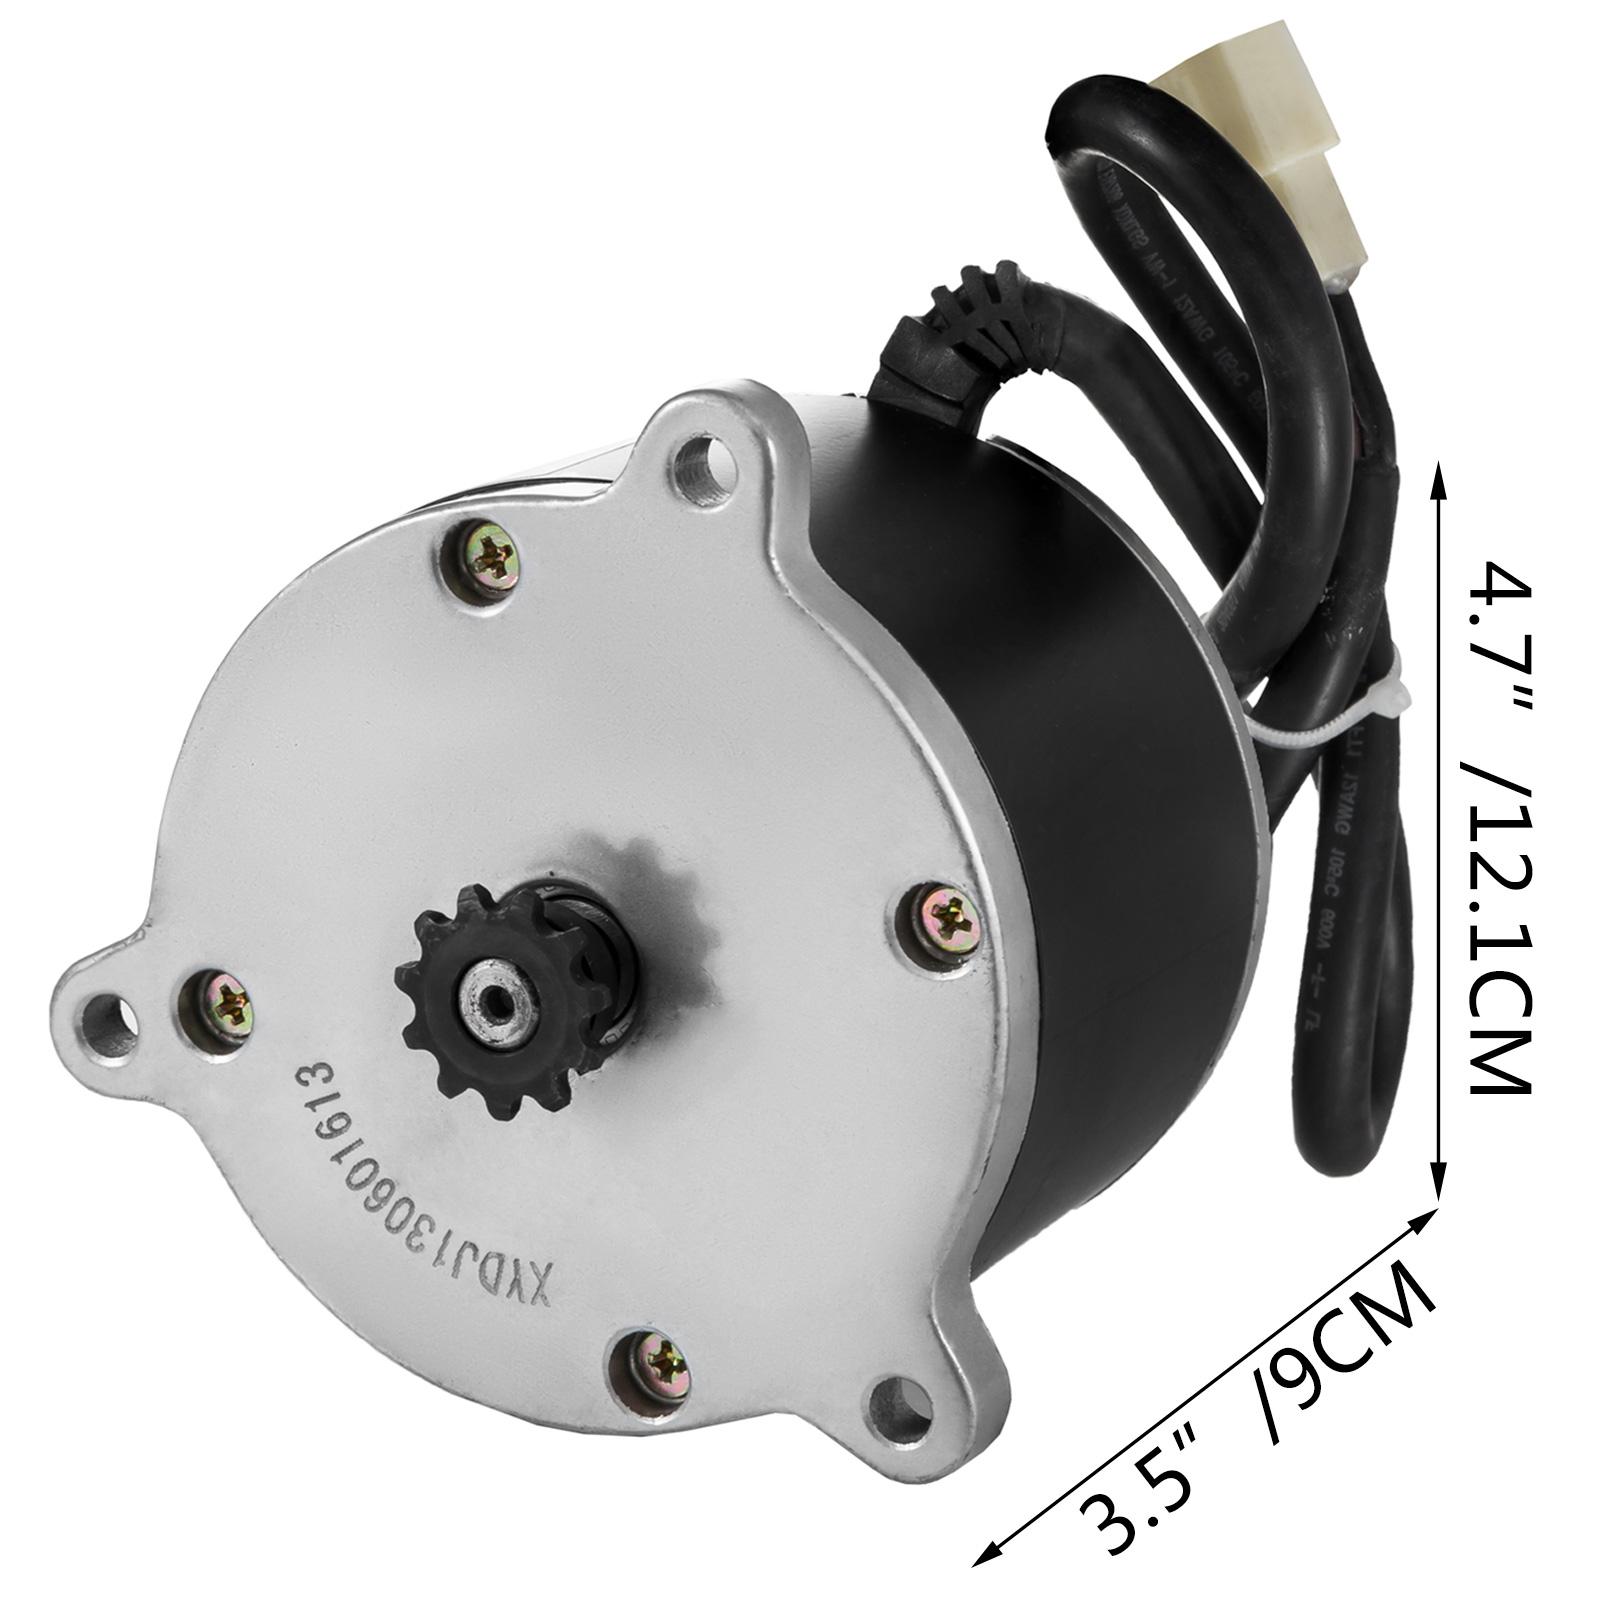 Electric-Motor-E-bike-Motor-controller-kit-DC-24v-12v-Minibike-E-Scooter-ATV thumbnail 44